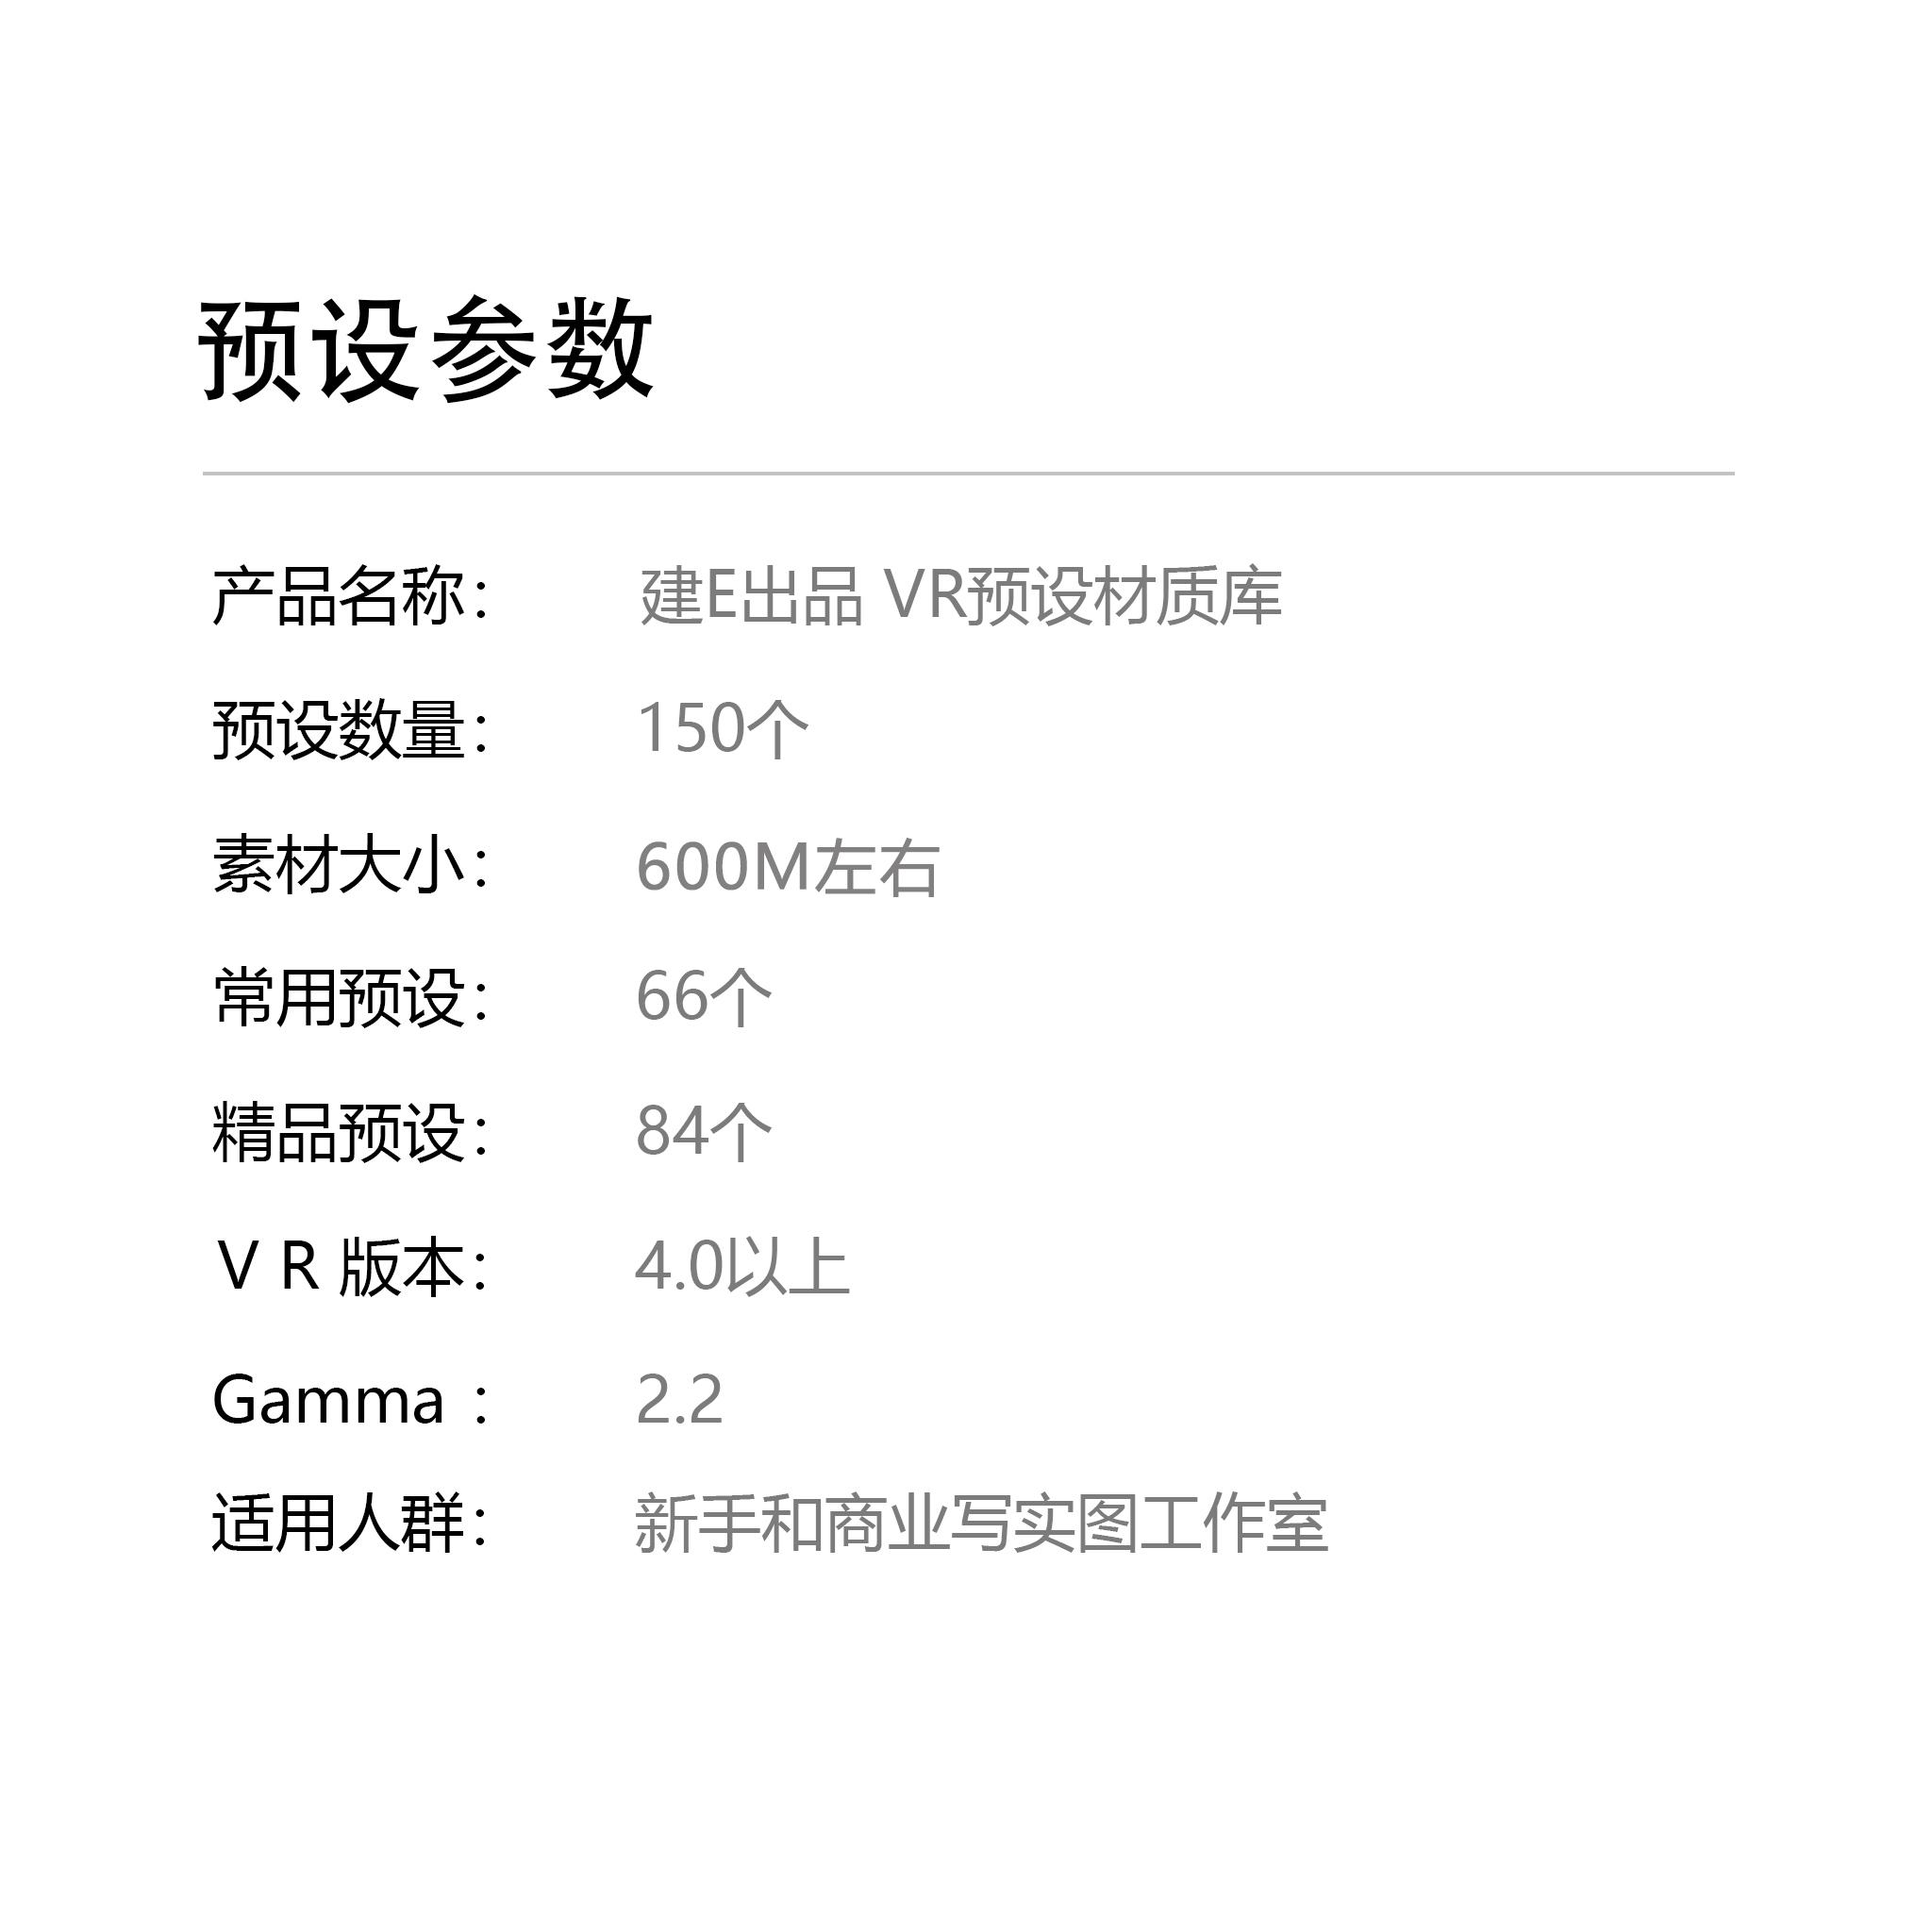 建E出品 VR预设材质库